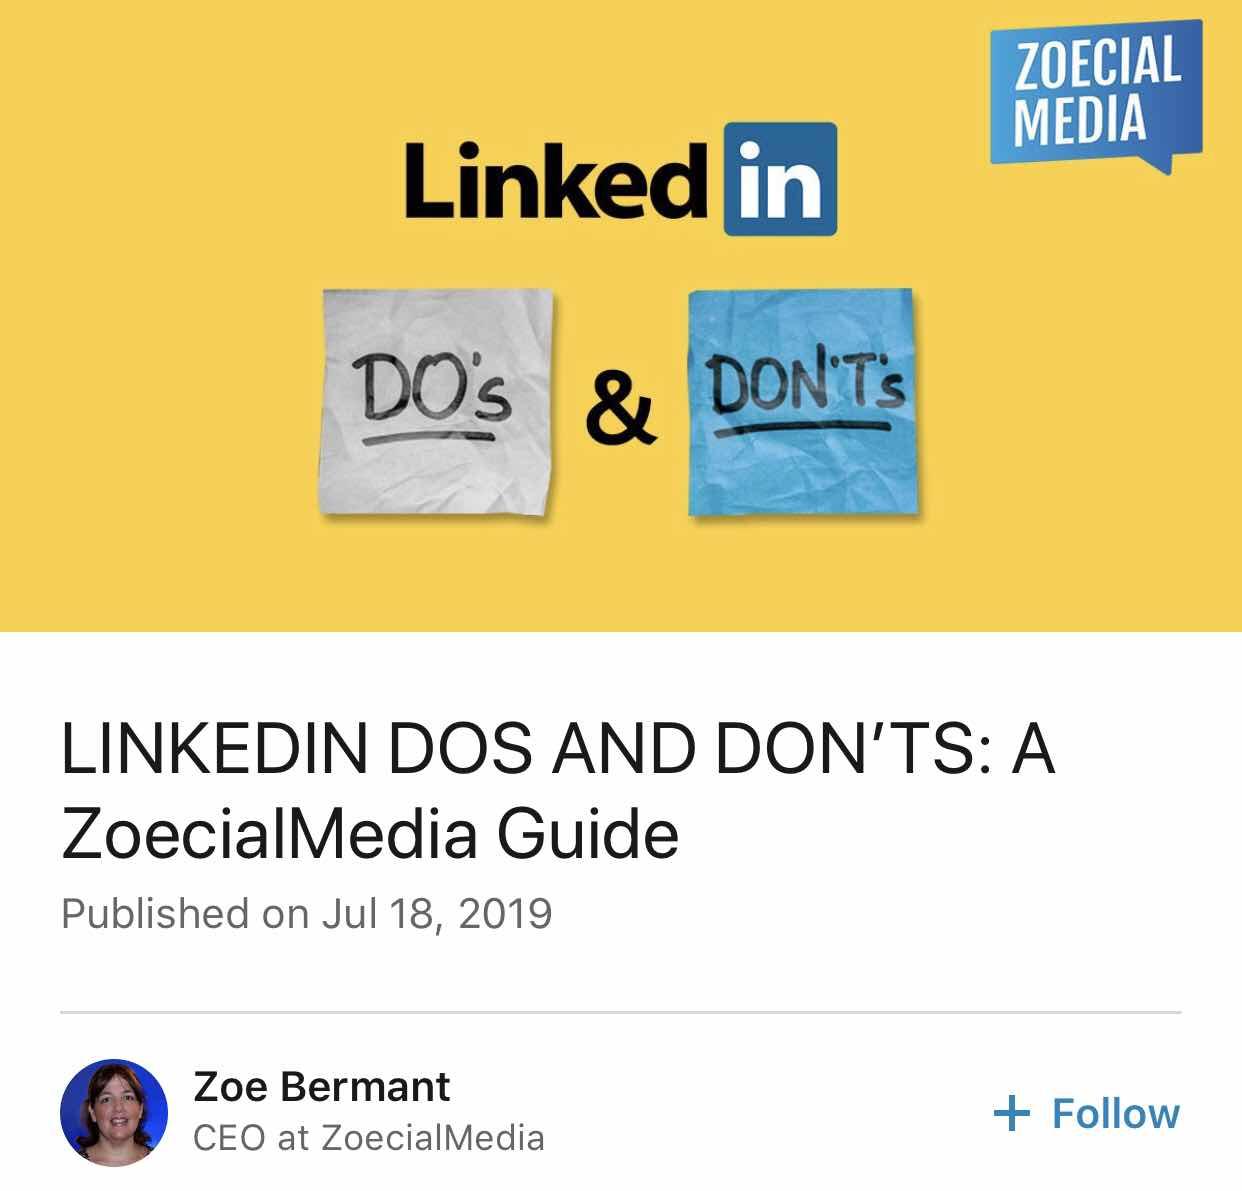 Dating App via LinkedIn processus de rencontre quelqu'un